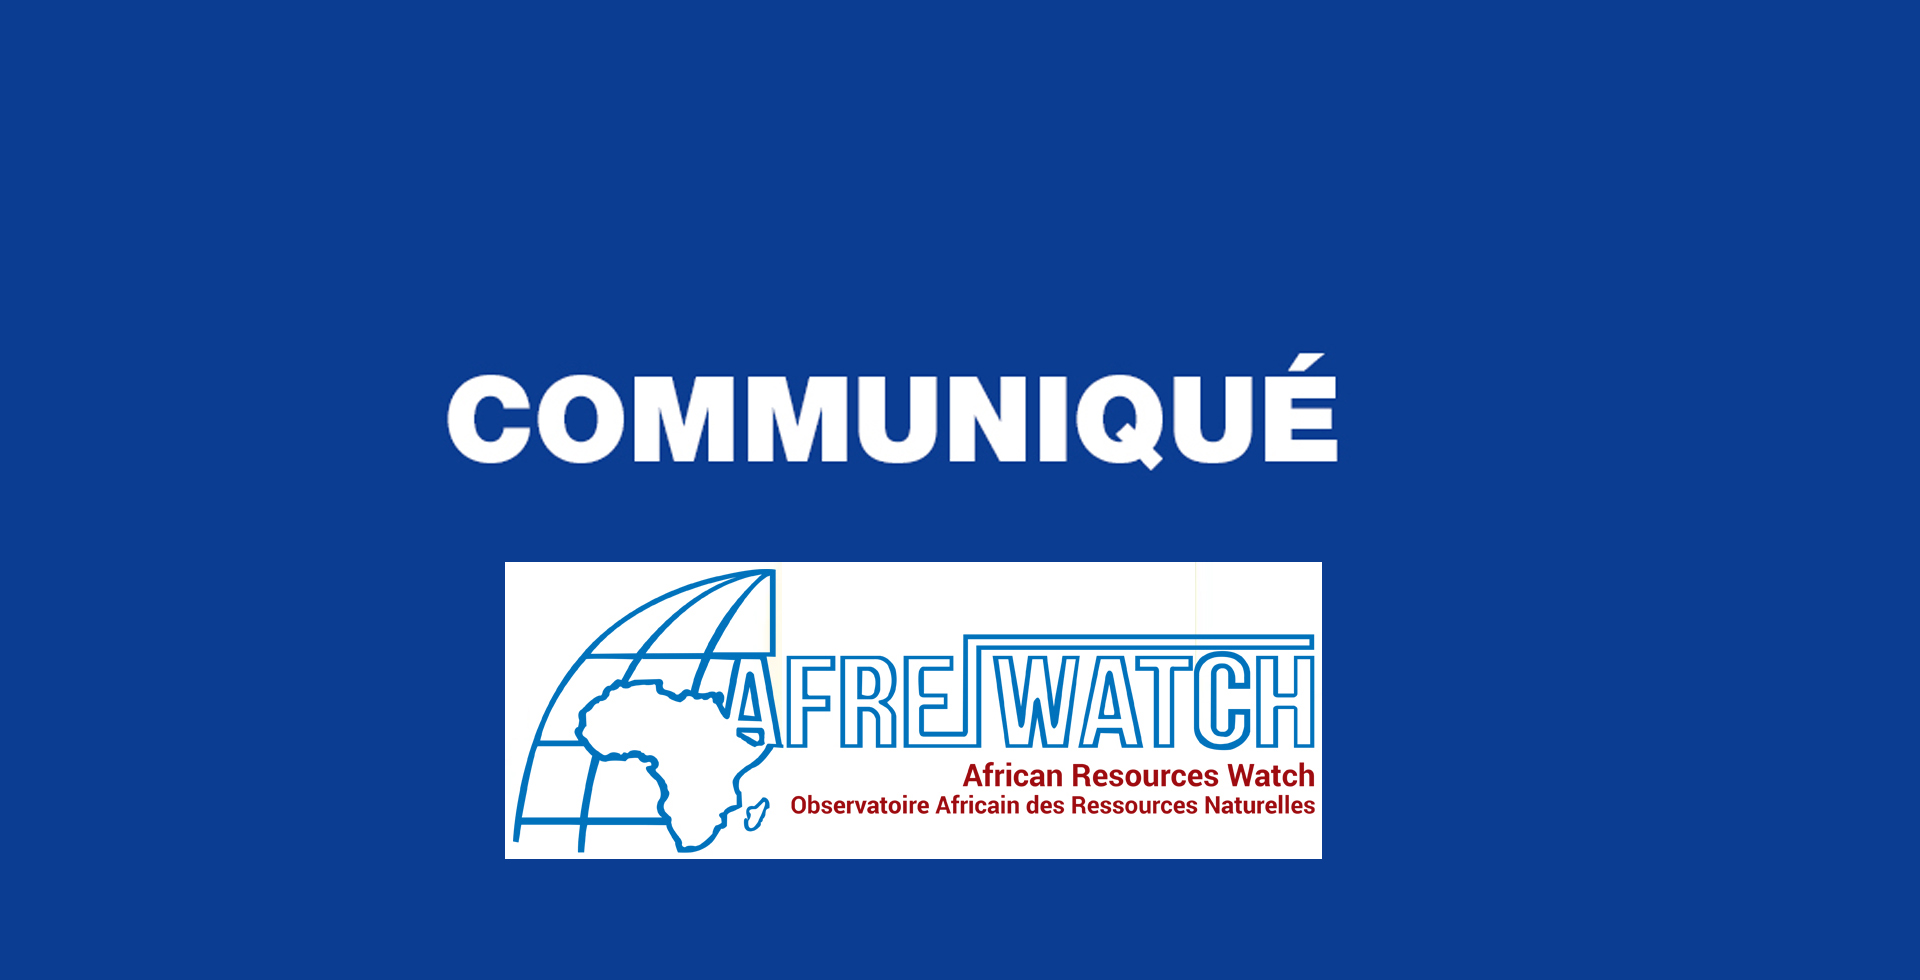 Le gouvernement de la RDC appelé à annuler le protocole d'accord initié par le gouvernement provincial du Haut-Katanga sur la création de la caisse de solidarité pour la répartition de la redevance minière